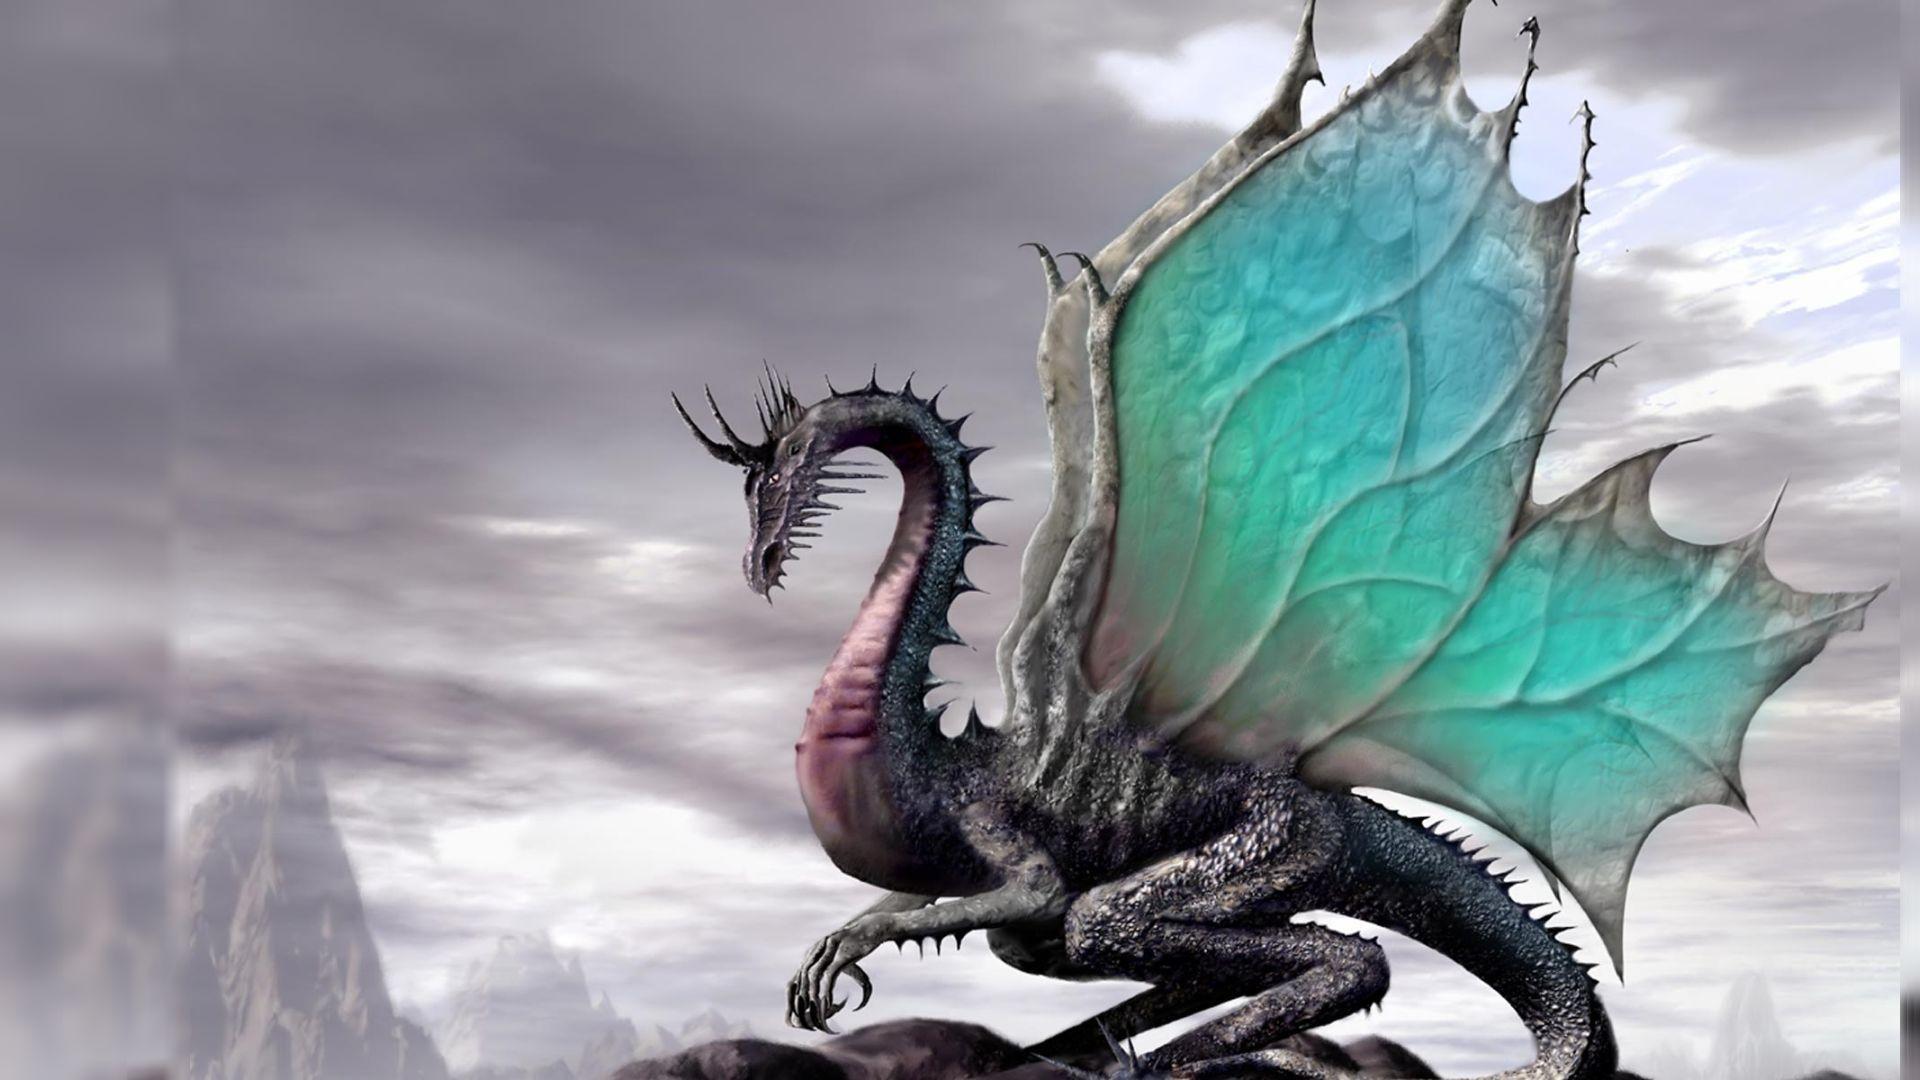 76 Dragon Wallpaper Hd 1080p